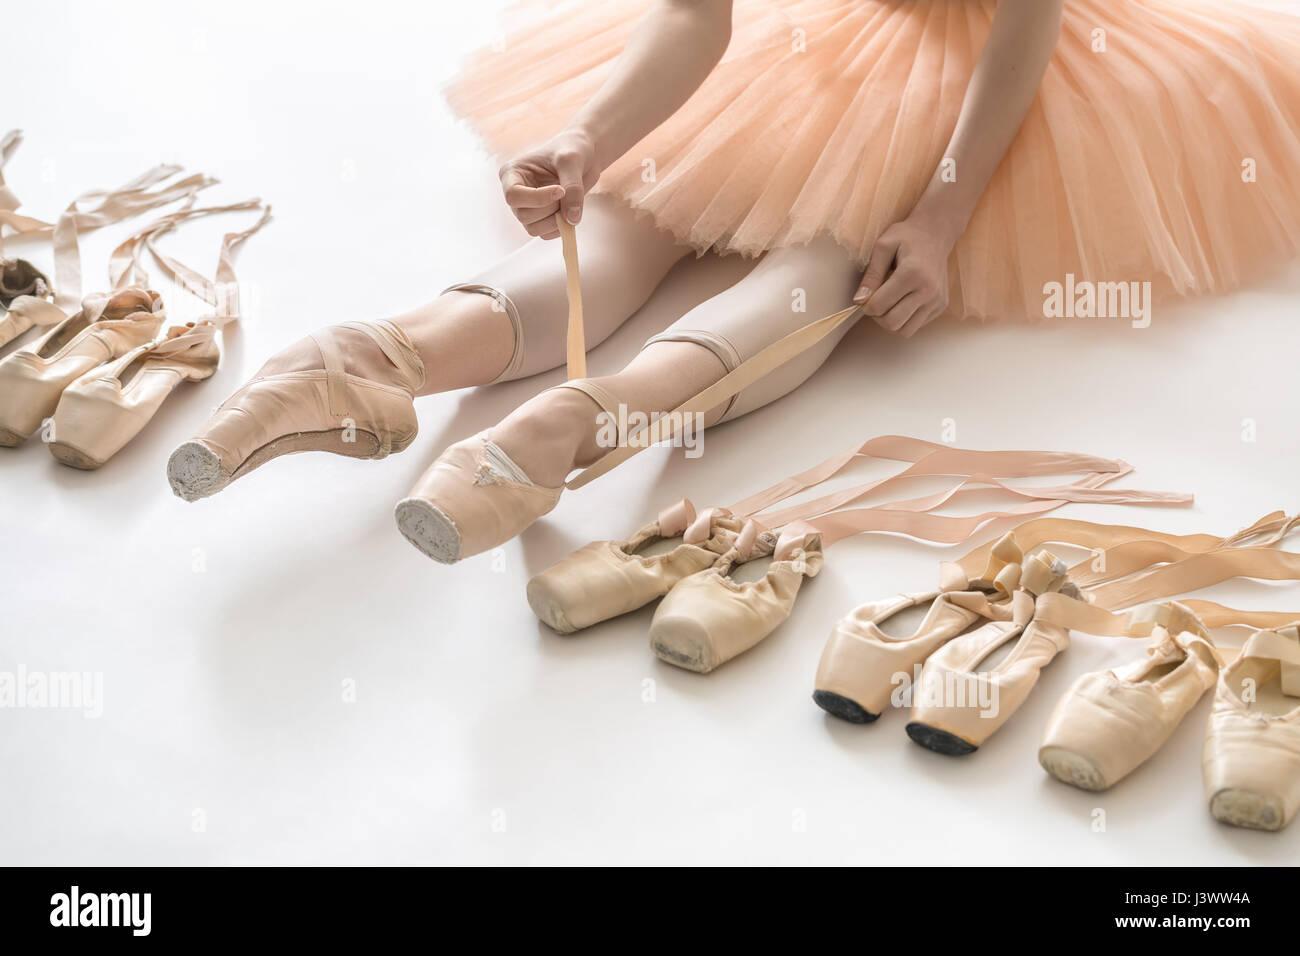 Ballet dancer in studio - Stock Image